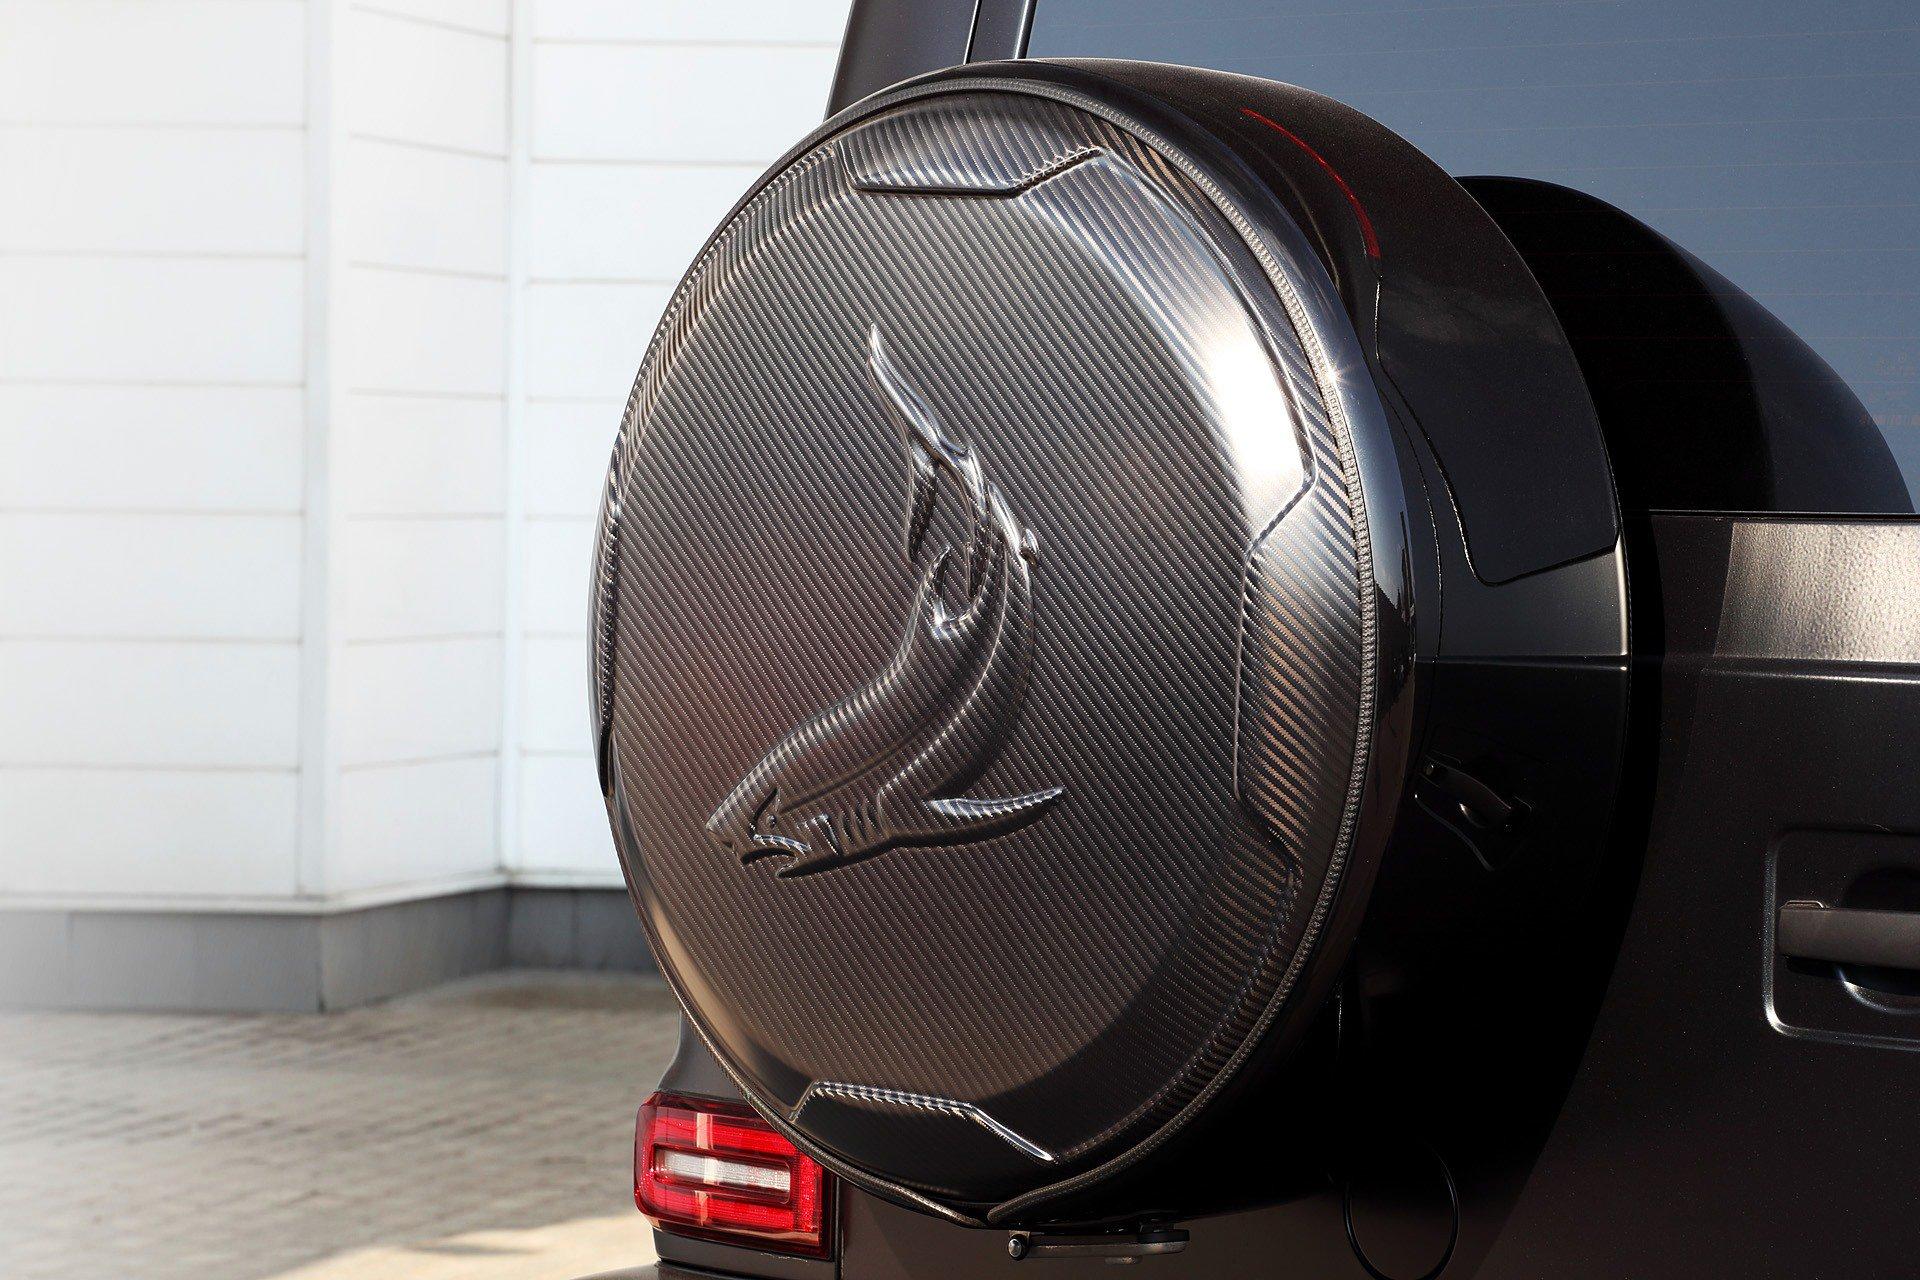 topcar-mercedes-amg-g63-10.jpg